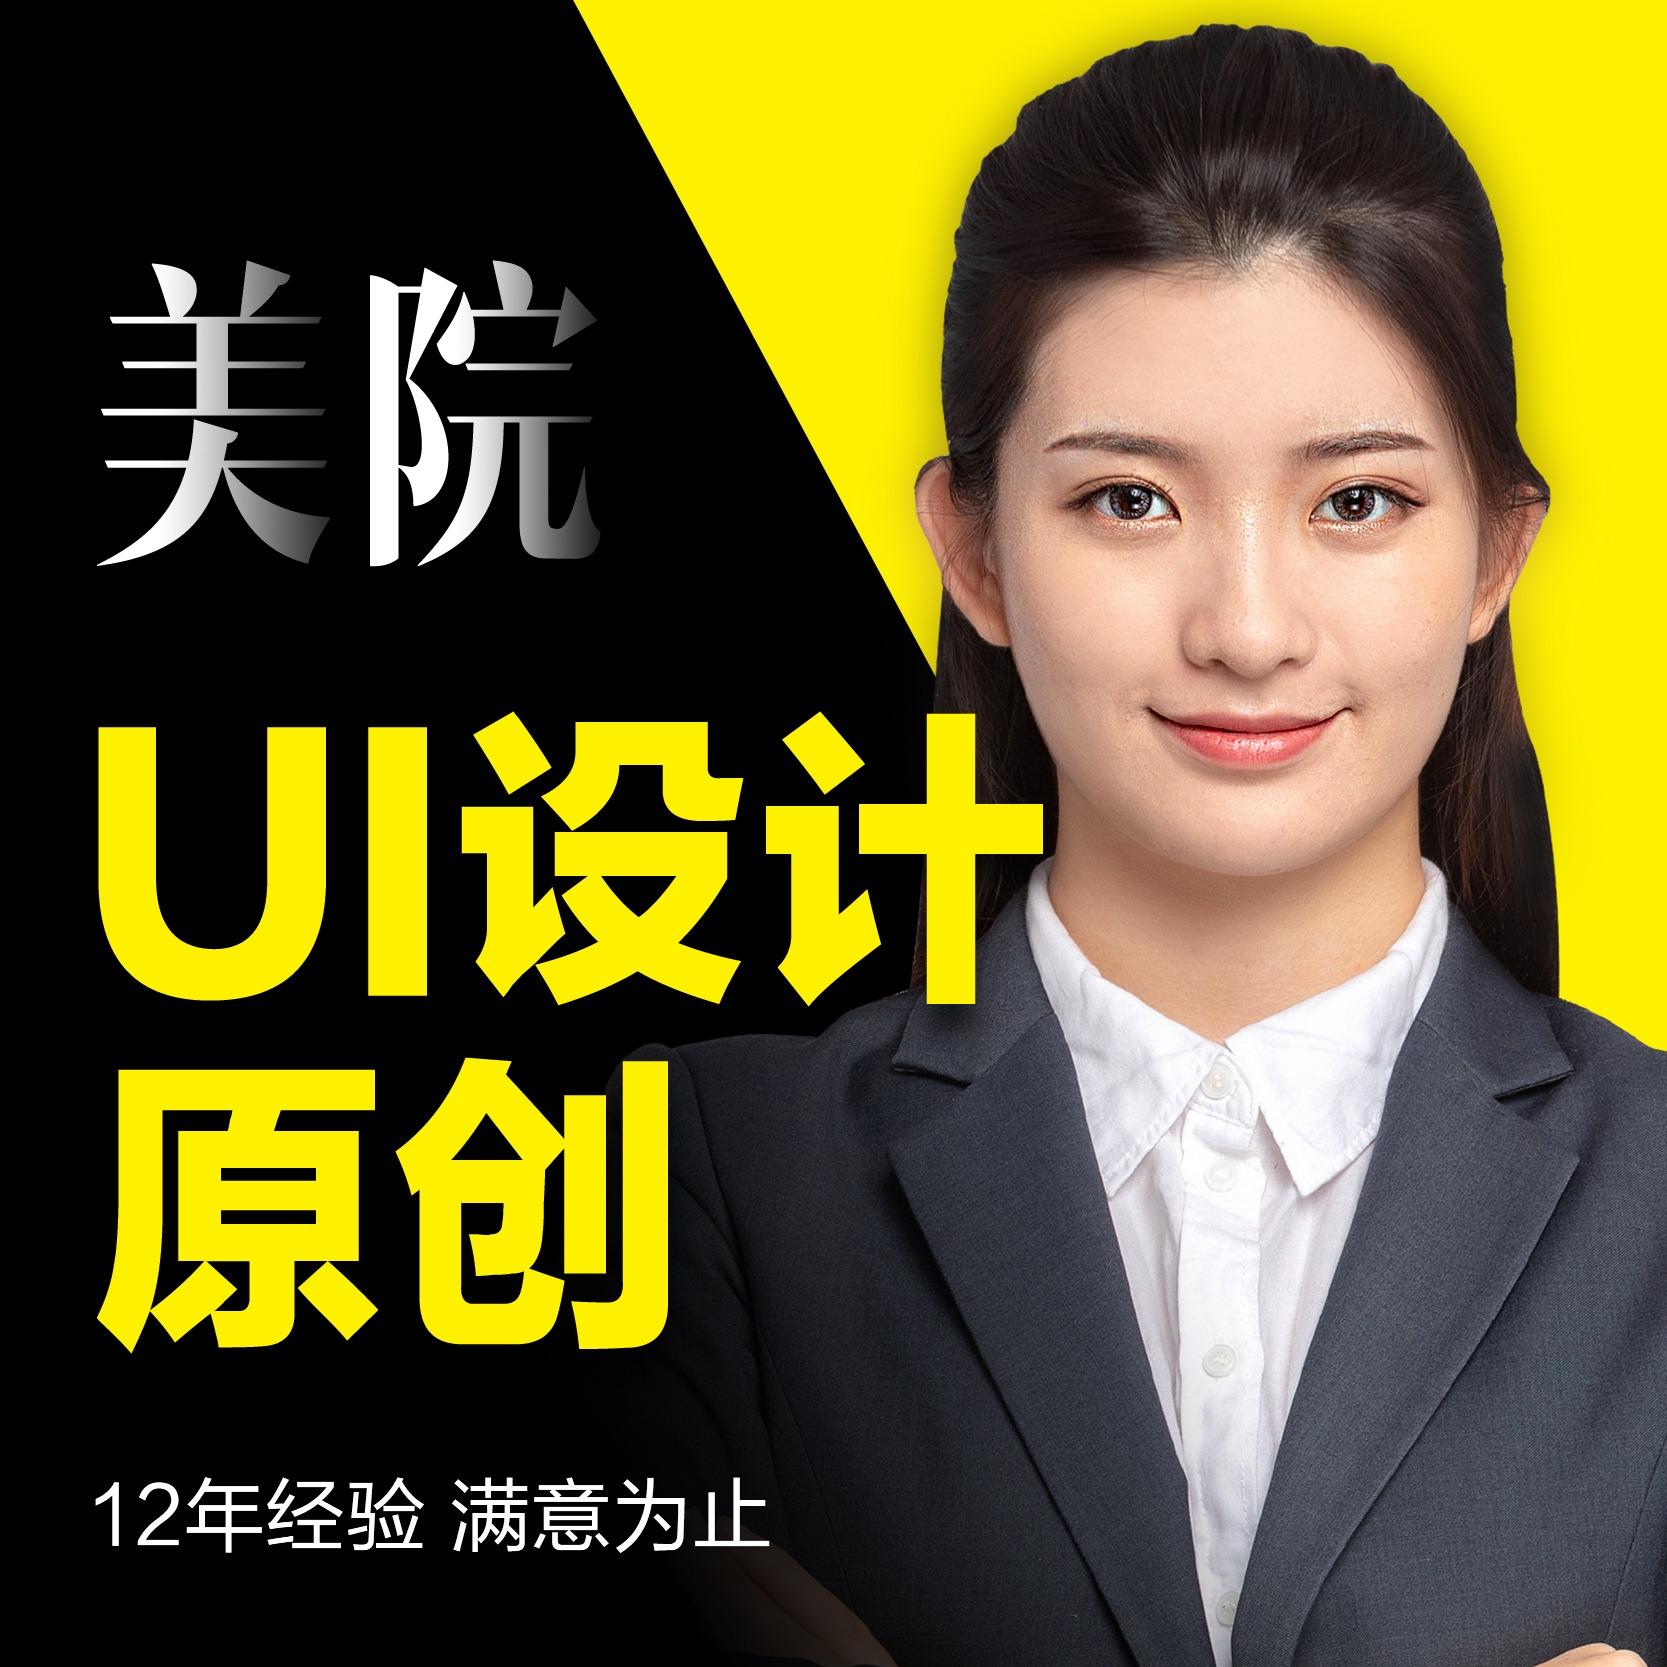 【社交应用】UI设计APPUI移动ui网页设计系统界面设计